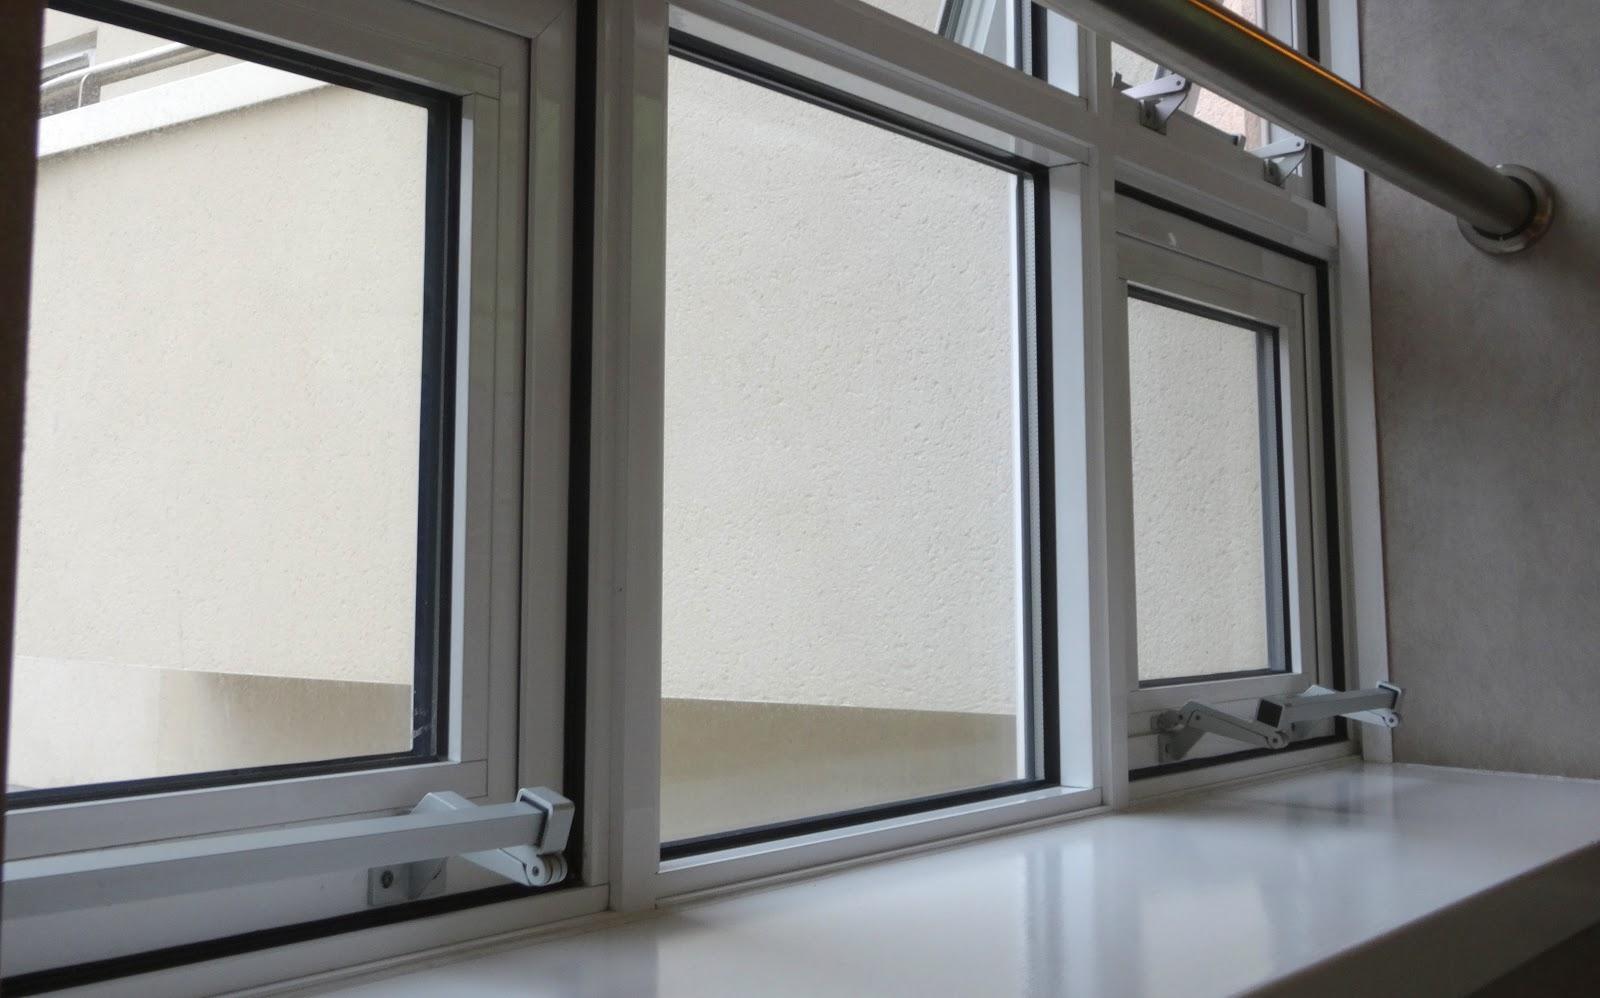 A set of closed UPVC windows